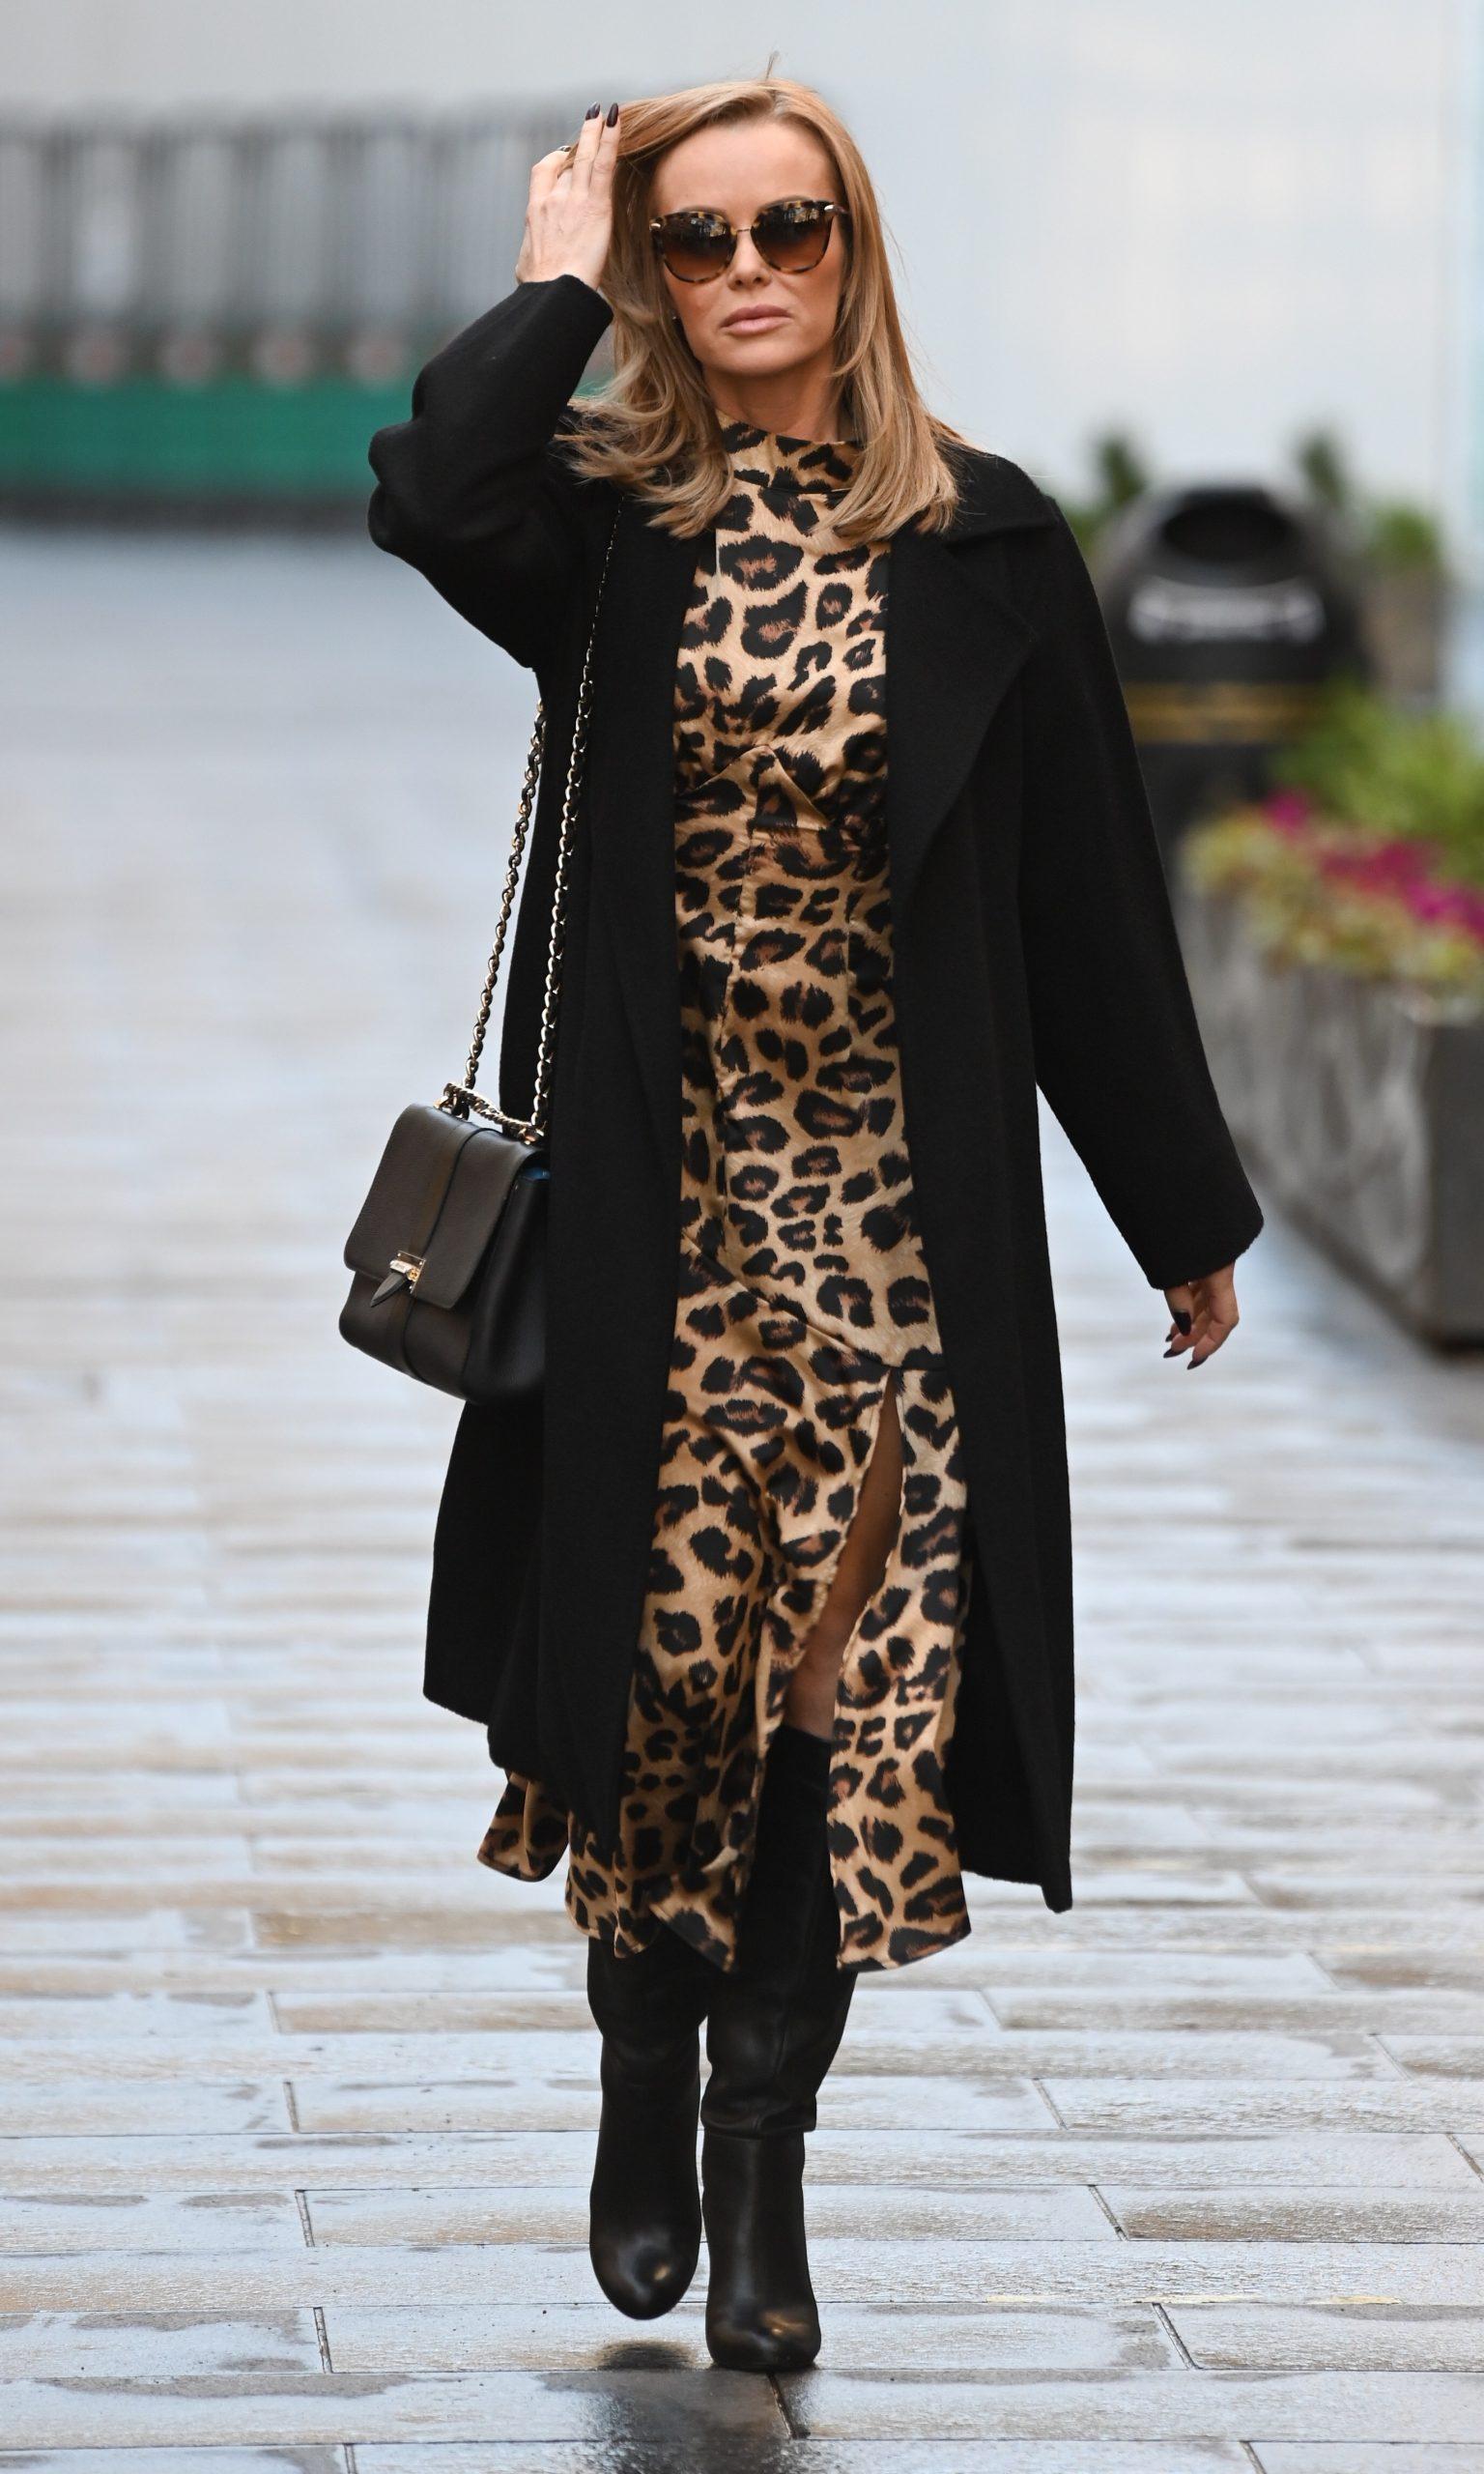 Amanda Holden seen leaving Global Studios, Heart FM, London UK, 1 December 2020